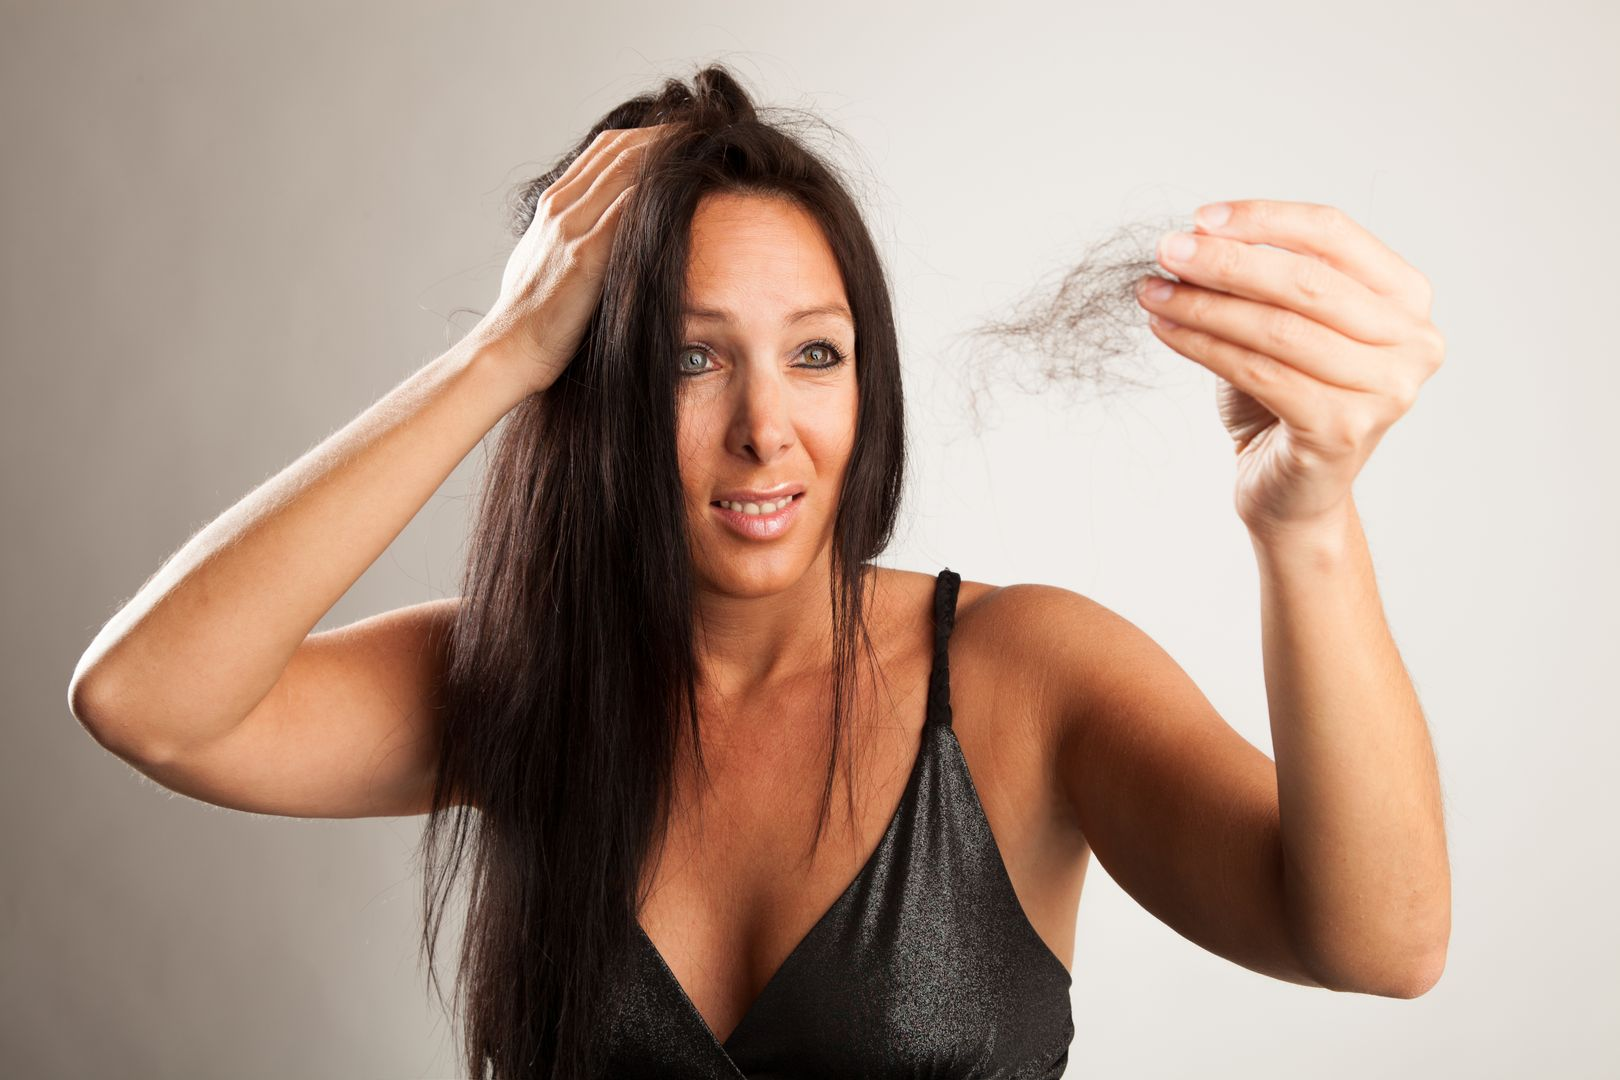 hair loss woman - prevent hair loss